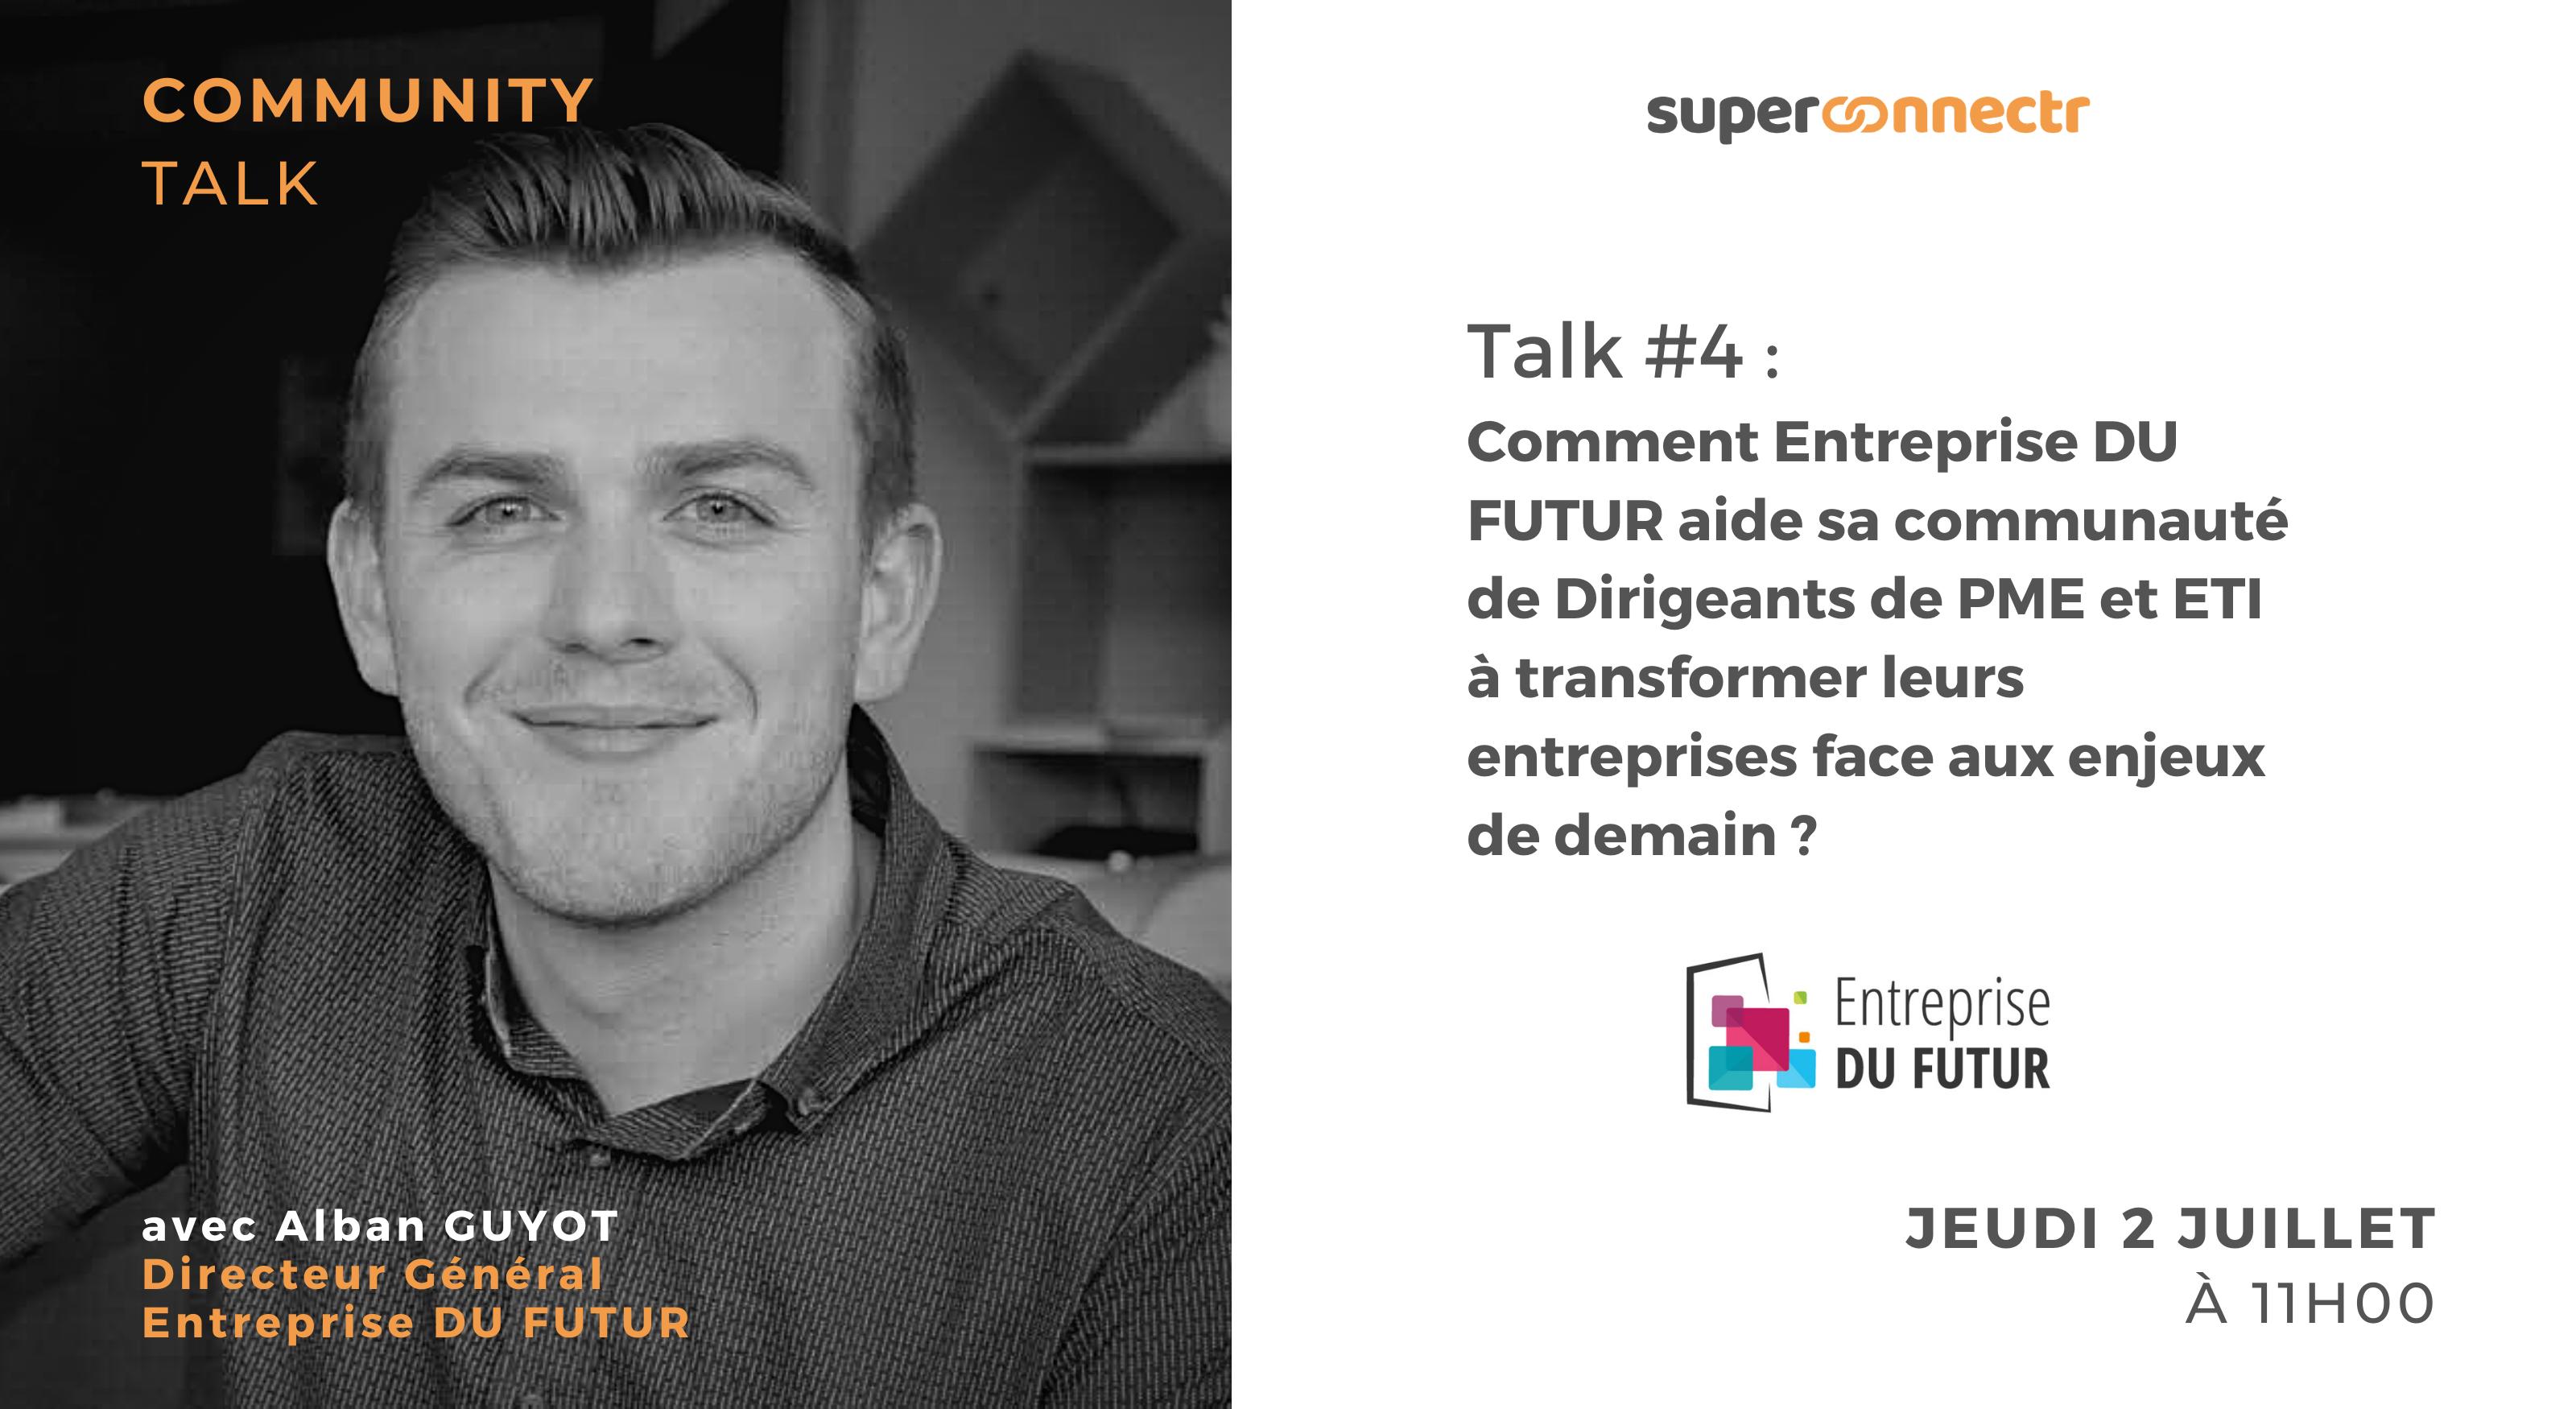 """Interview : """"Comment Entreprise DU FUTUR aide sa communauté de dirigeants de PME et ETI à transformer leurs entreprises face aux enjeux de demain ?"""""""